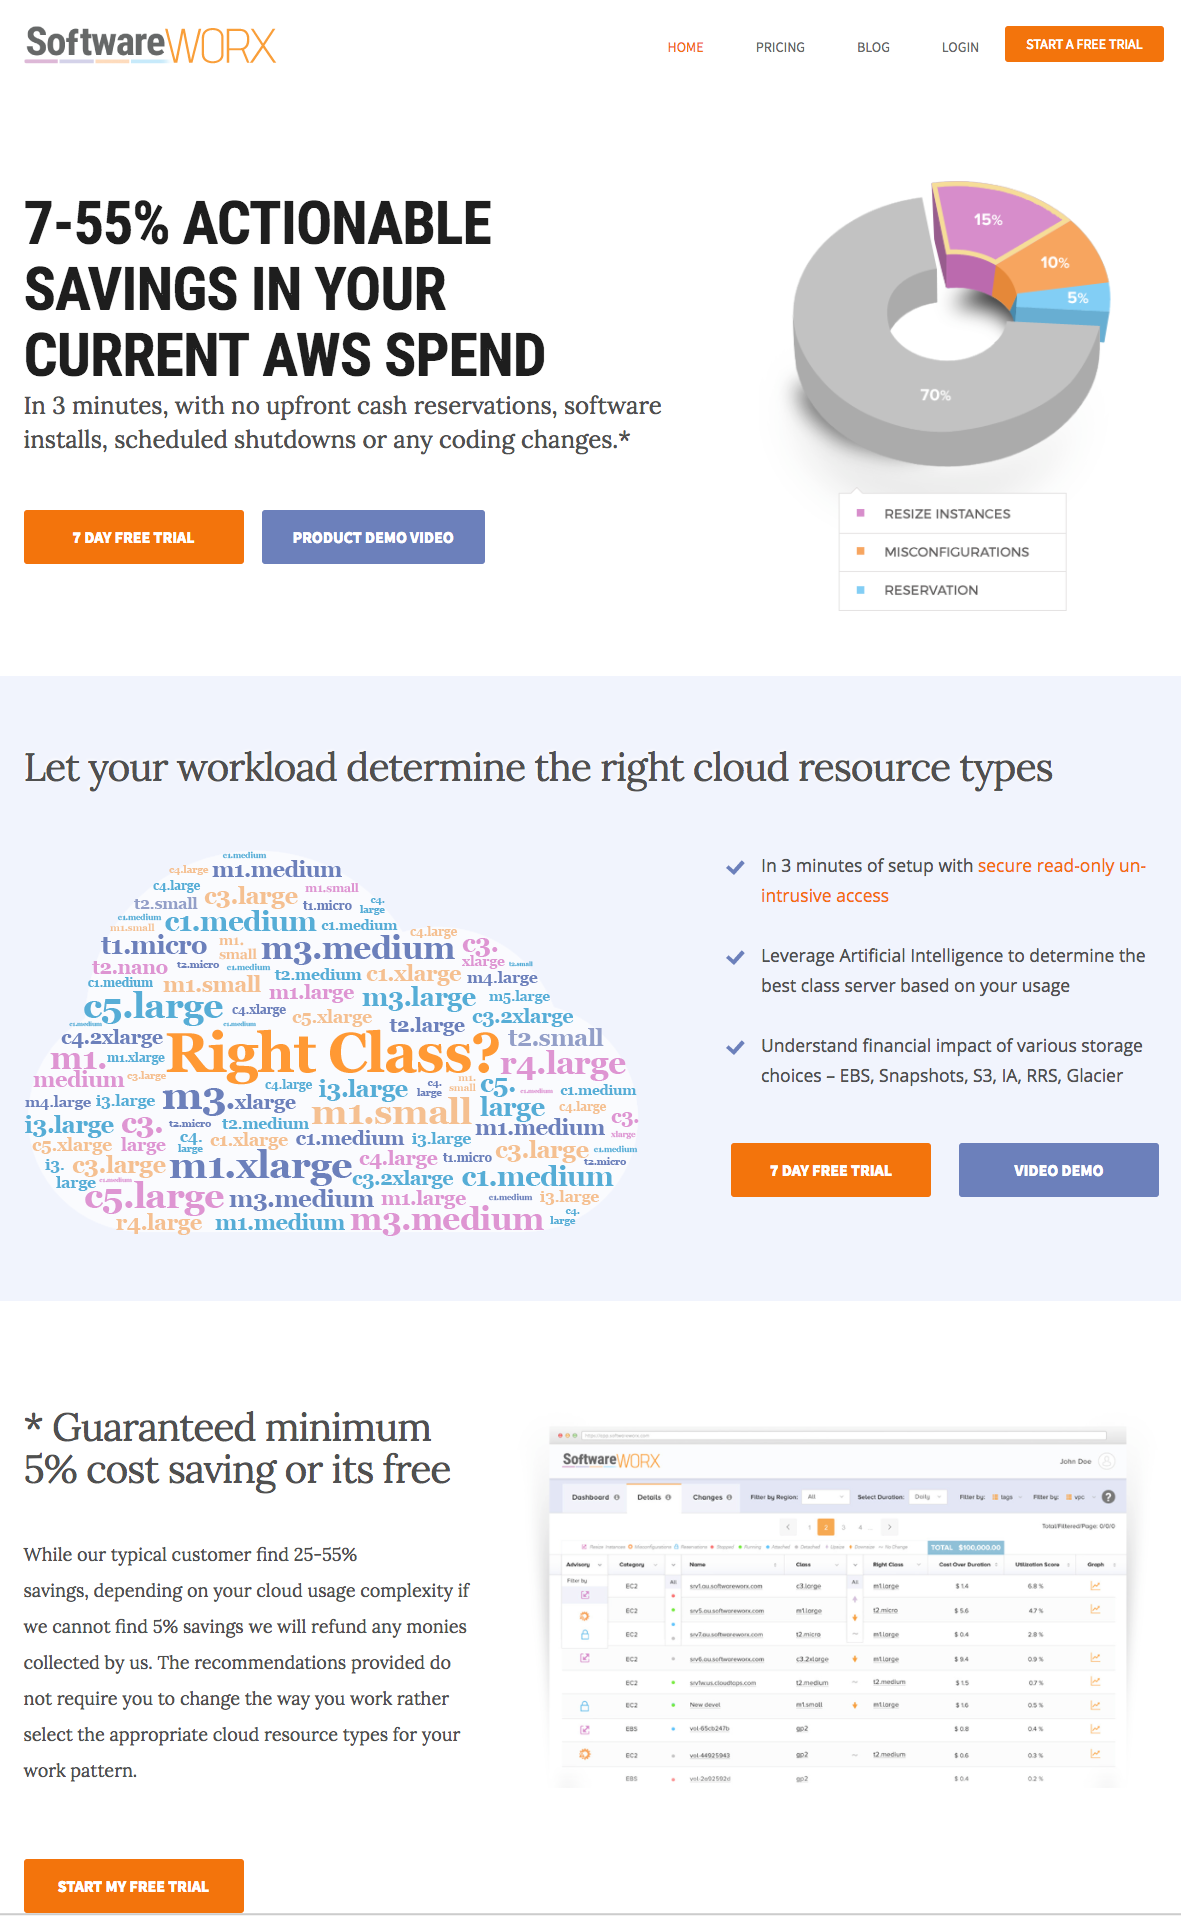 Software WORX